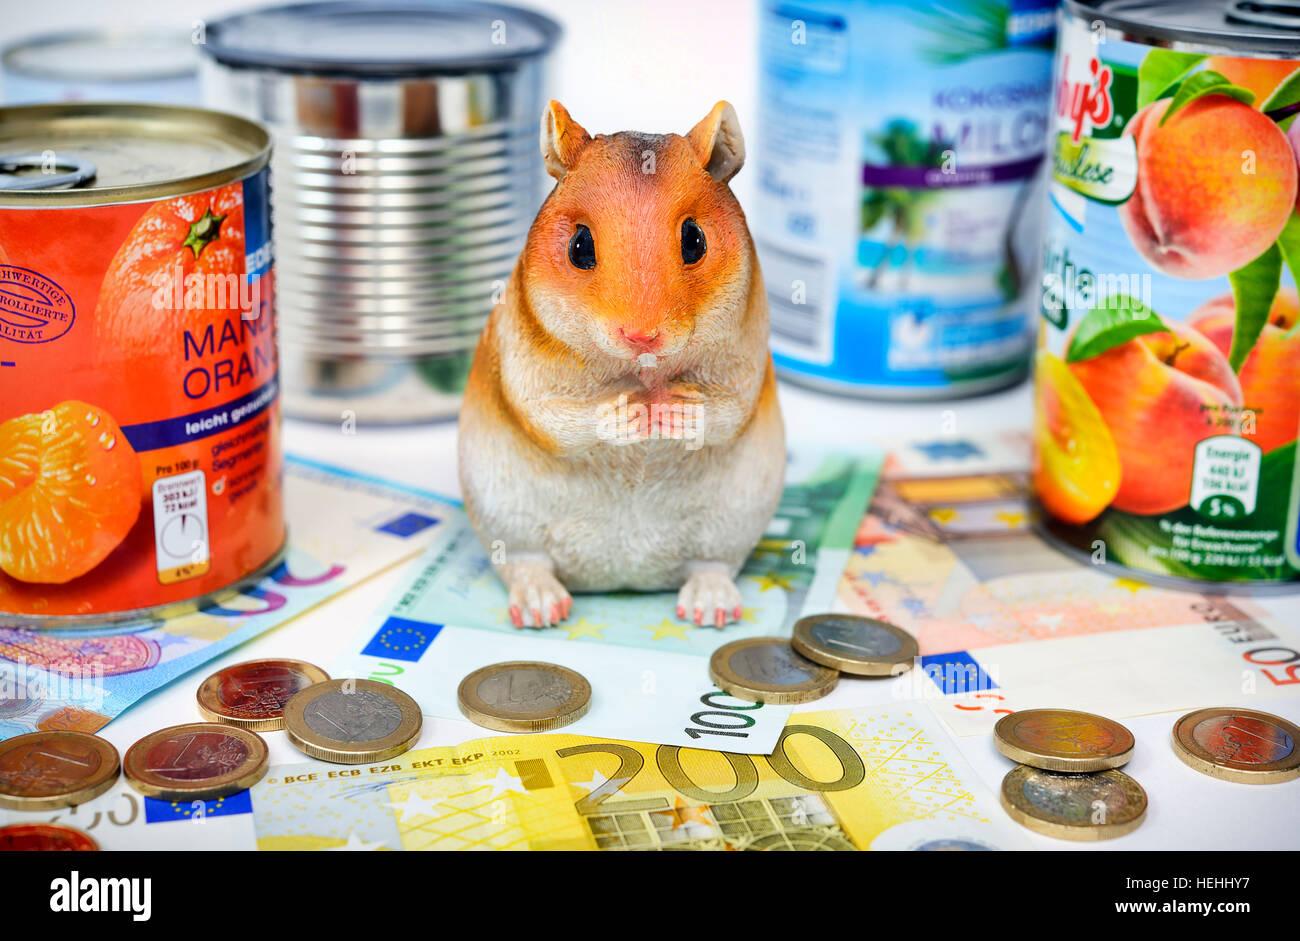 Hamsterfigur mit Konservendosen, Symbolfoto Hamsterkaeufe Stock Photo